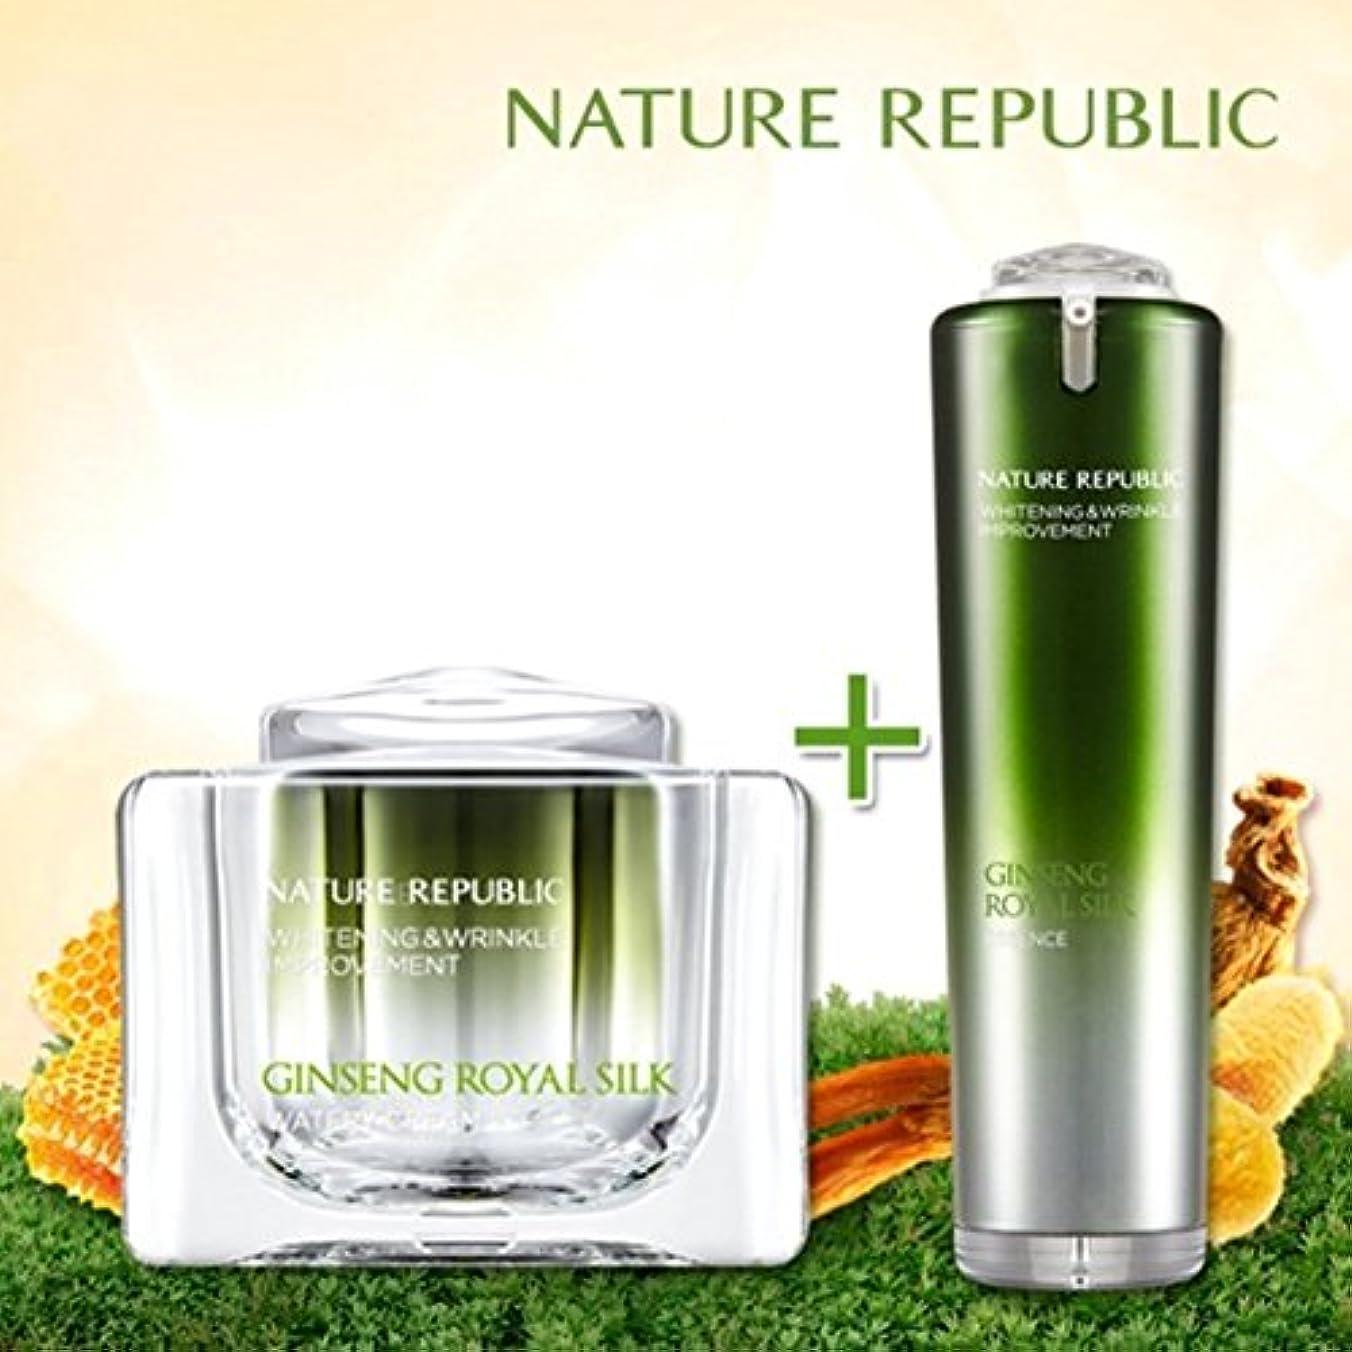 考えた頭痛エミュレートするNATURE REPUBLIC/高麗人参ロイヤルシルクウォーターリークリーム+エッセンス Nature Republic、Ginseng Royal silk Watery Cream+Essence(海外直送品)